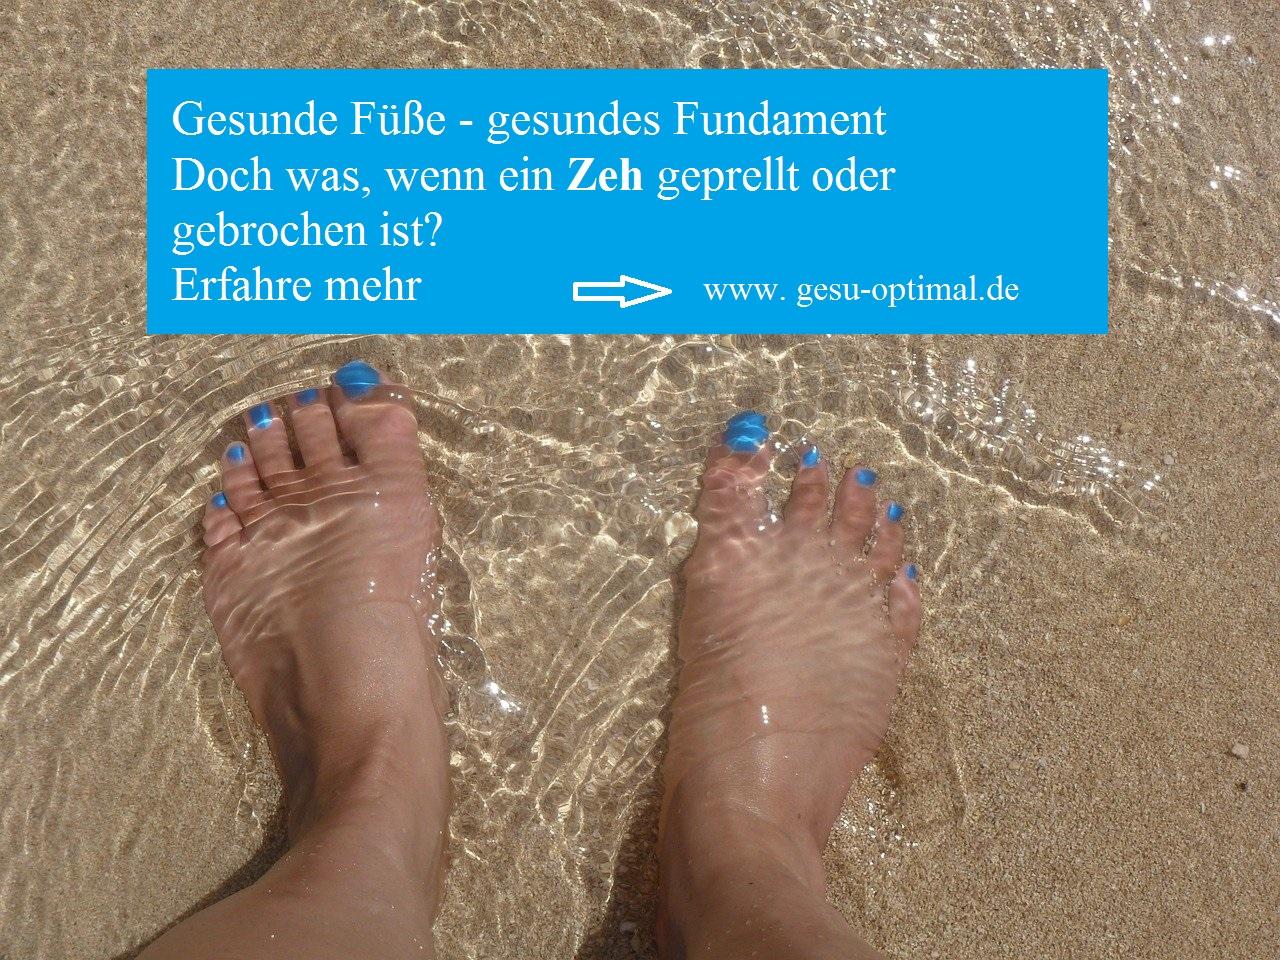 Fußzeh gebrochener Gebrochener Fuß